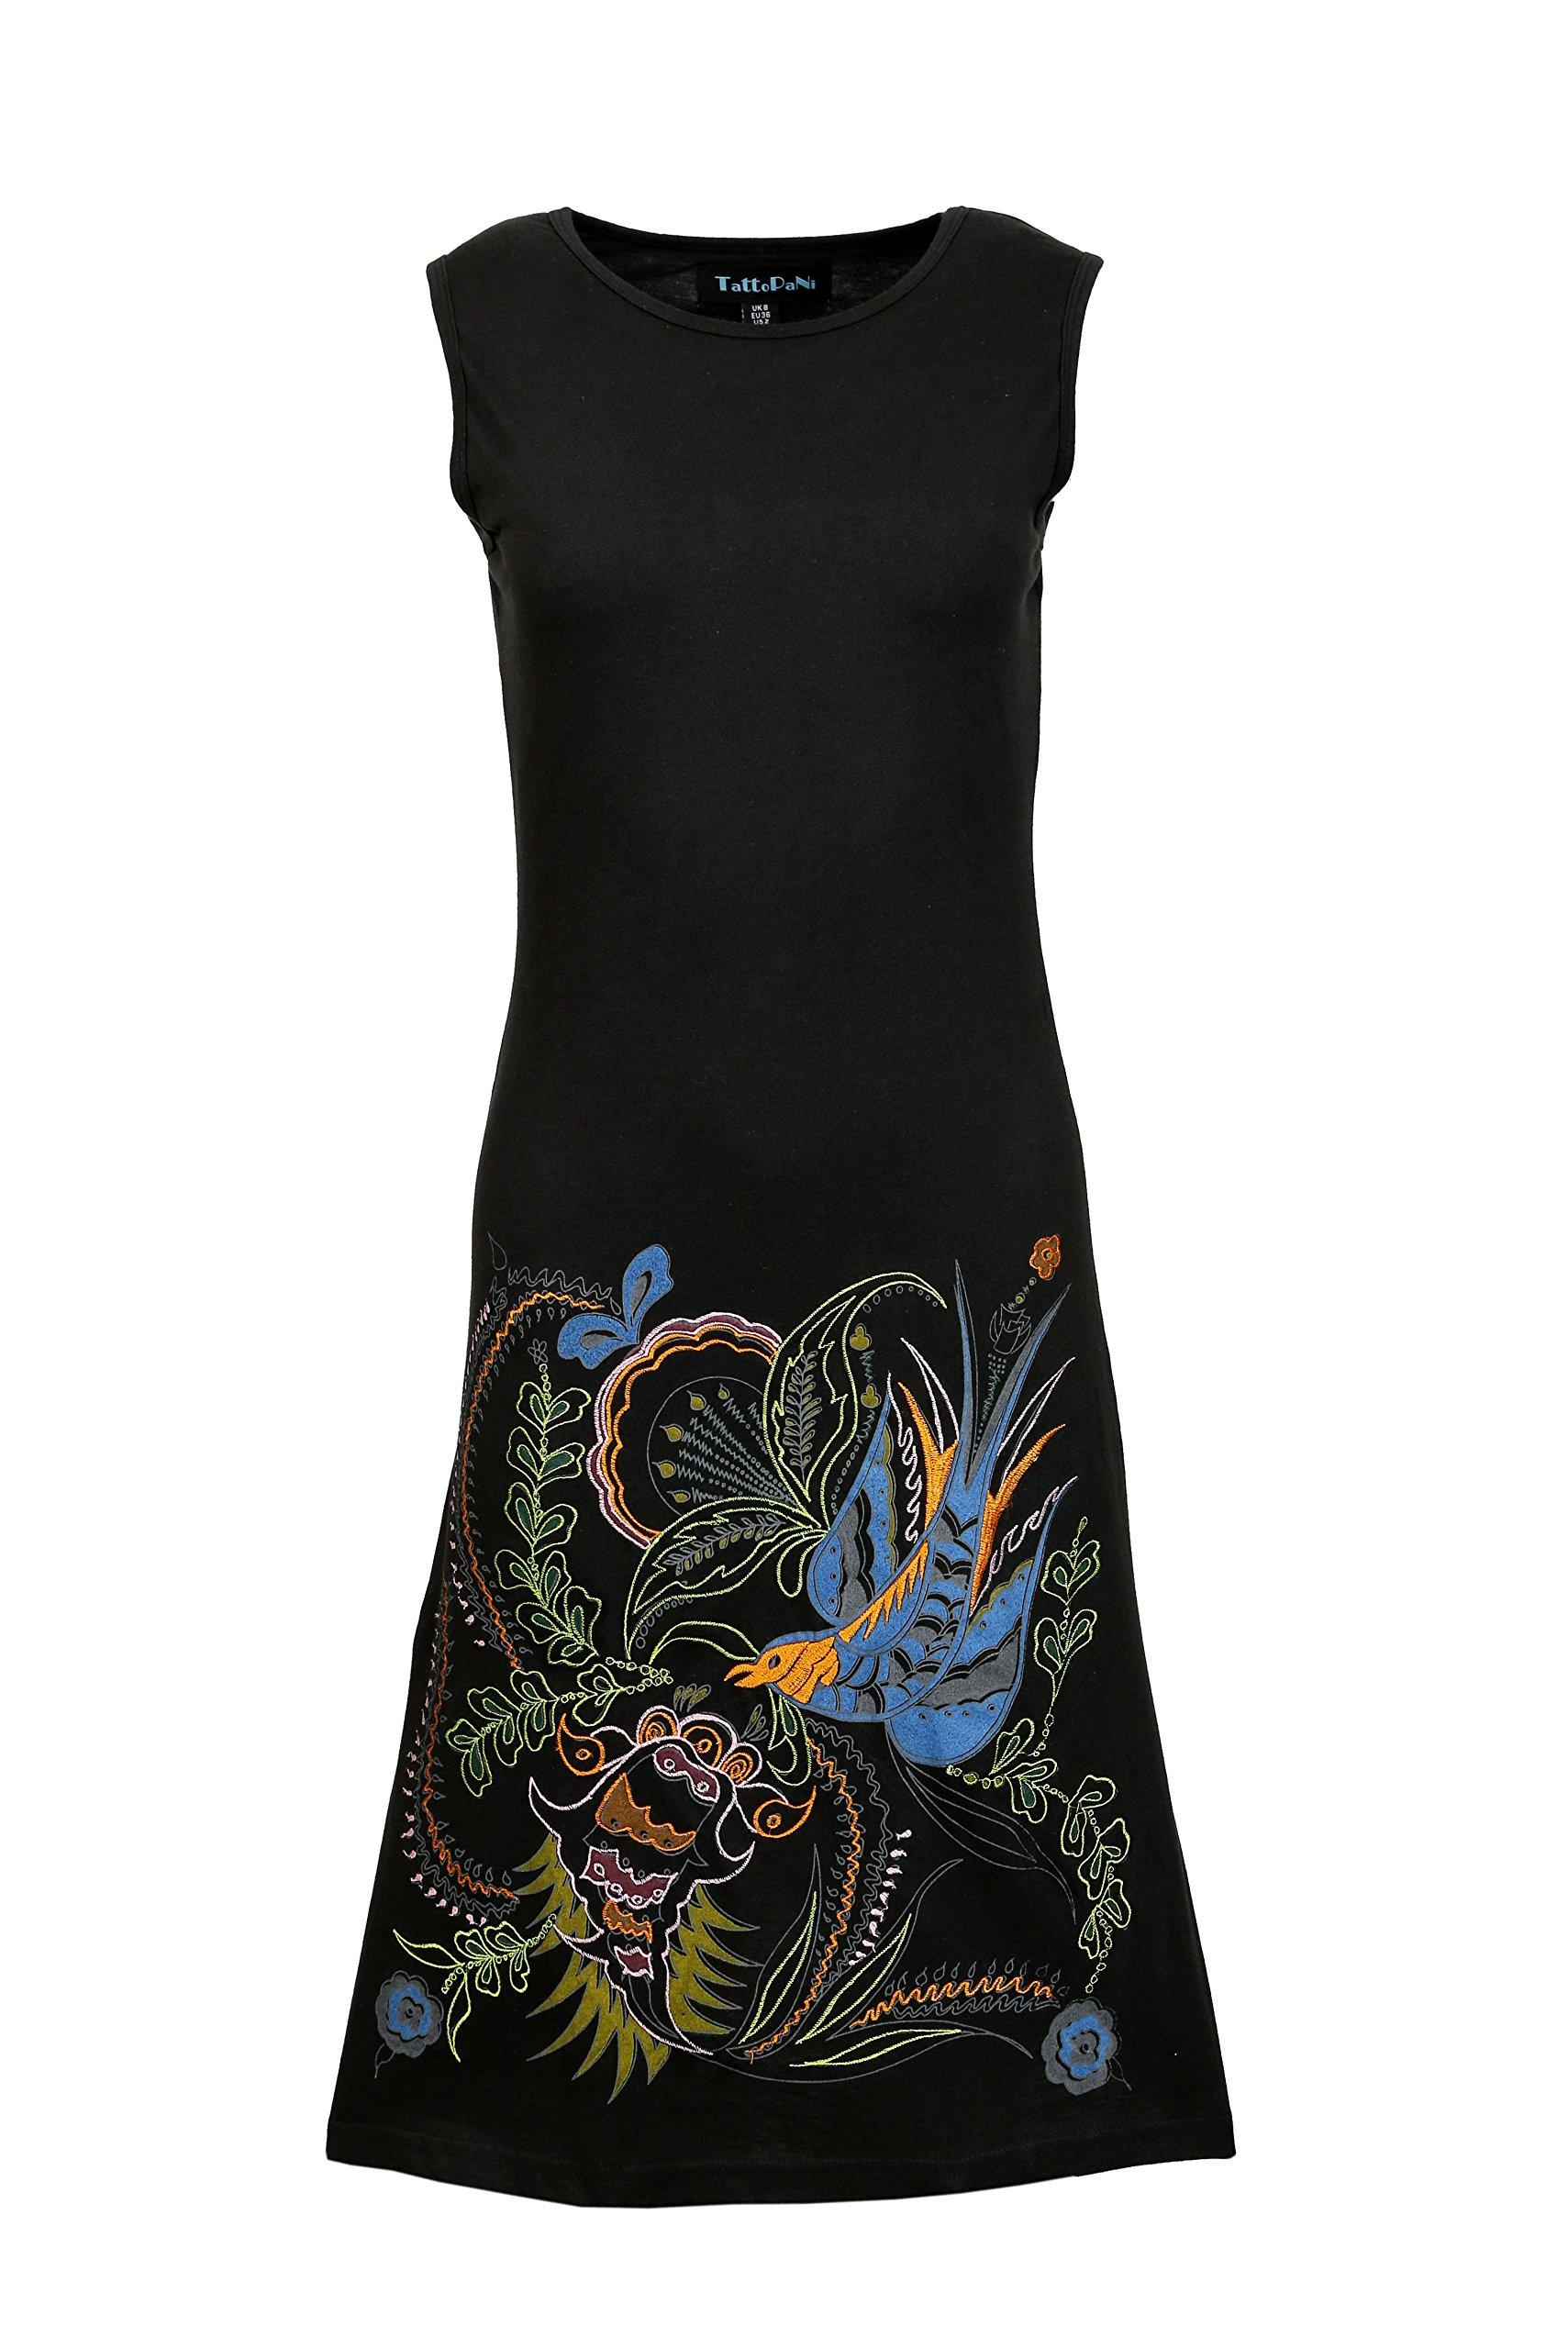 Sin mangas del vestido del verano de la túnica de la Mujer con el pájaro bordado